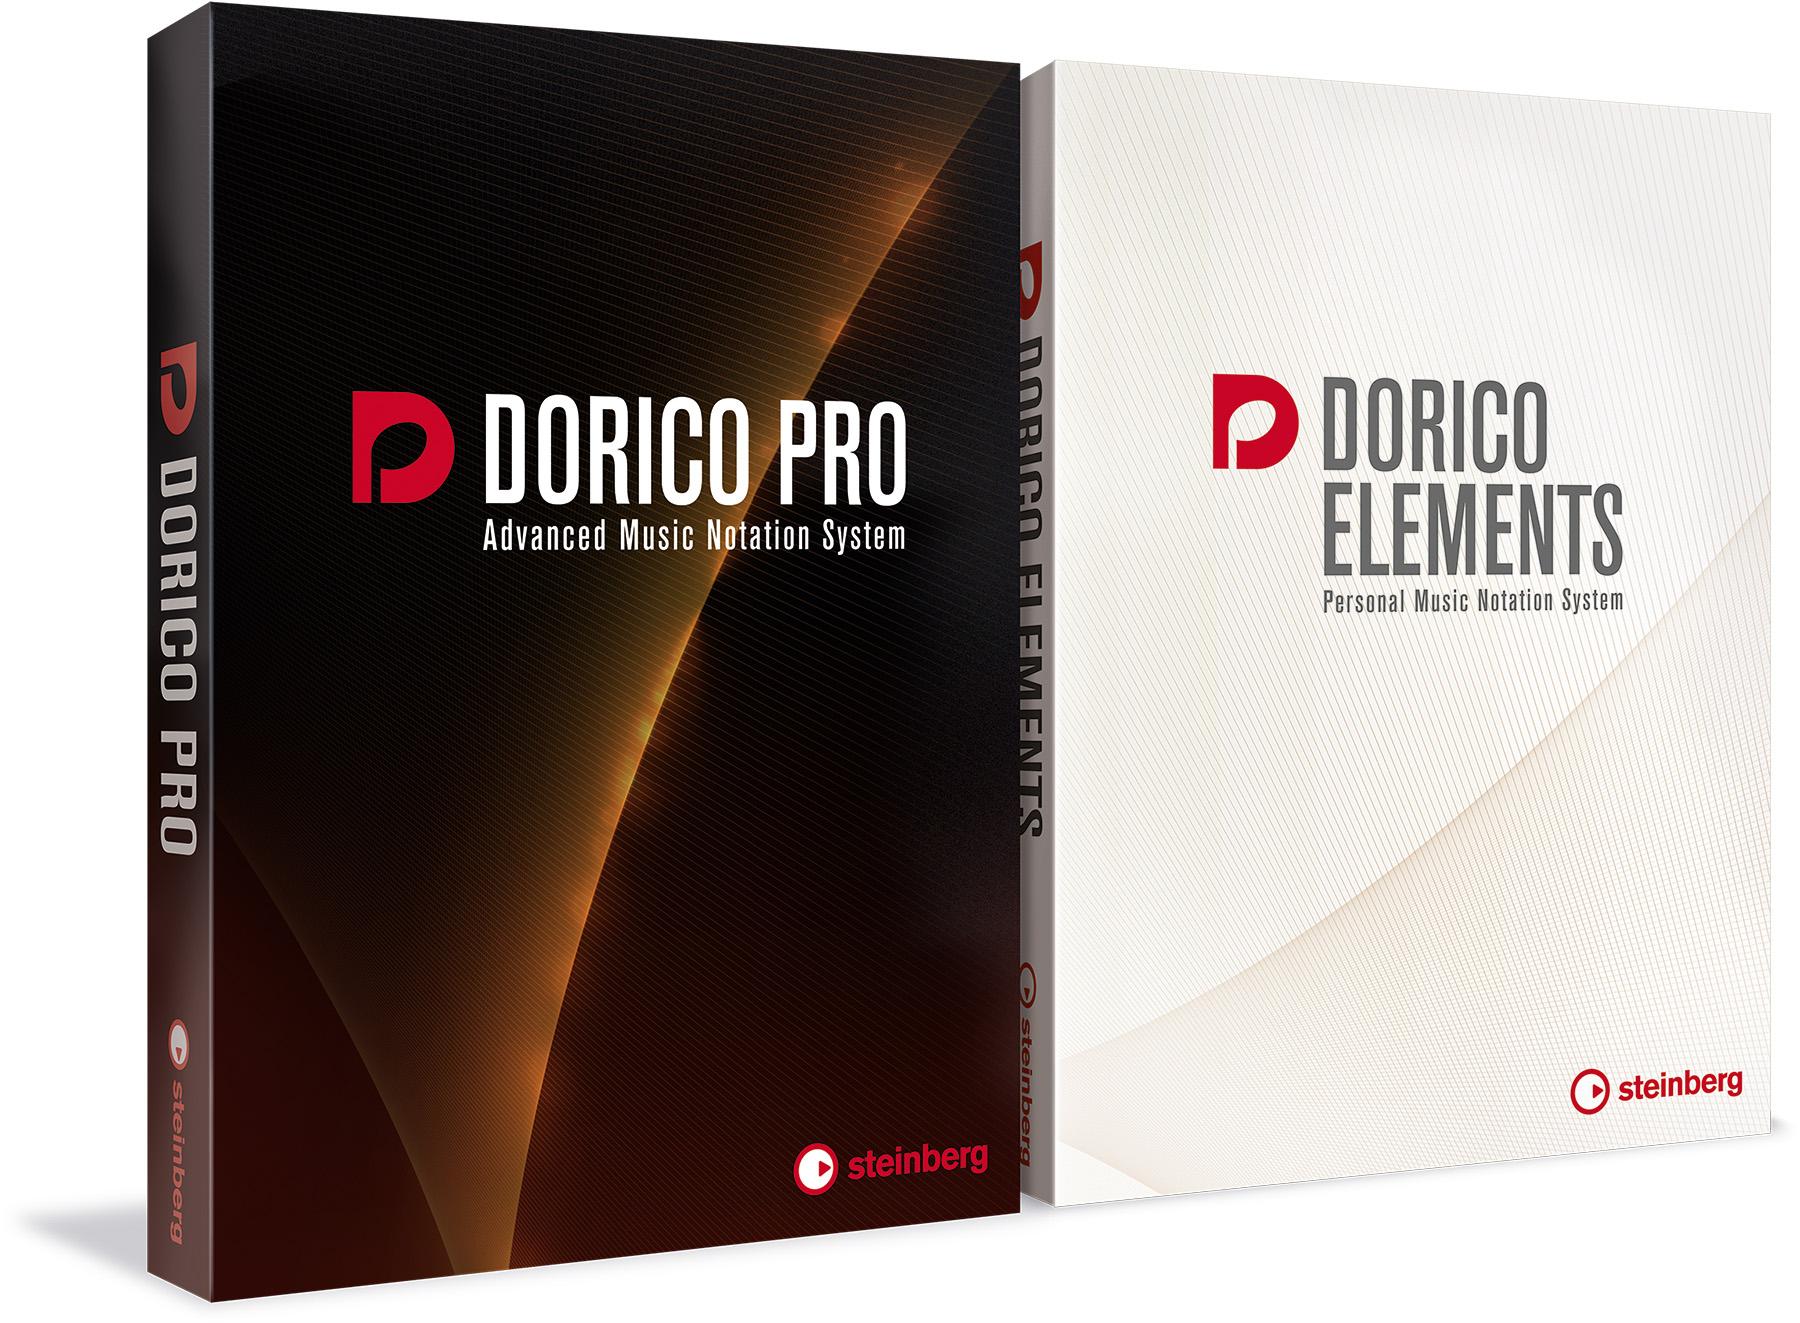 News: Dorico Pro 2 und Dorico Elements 2 von Steinberg erhältlich